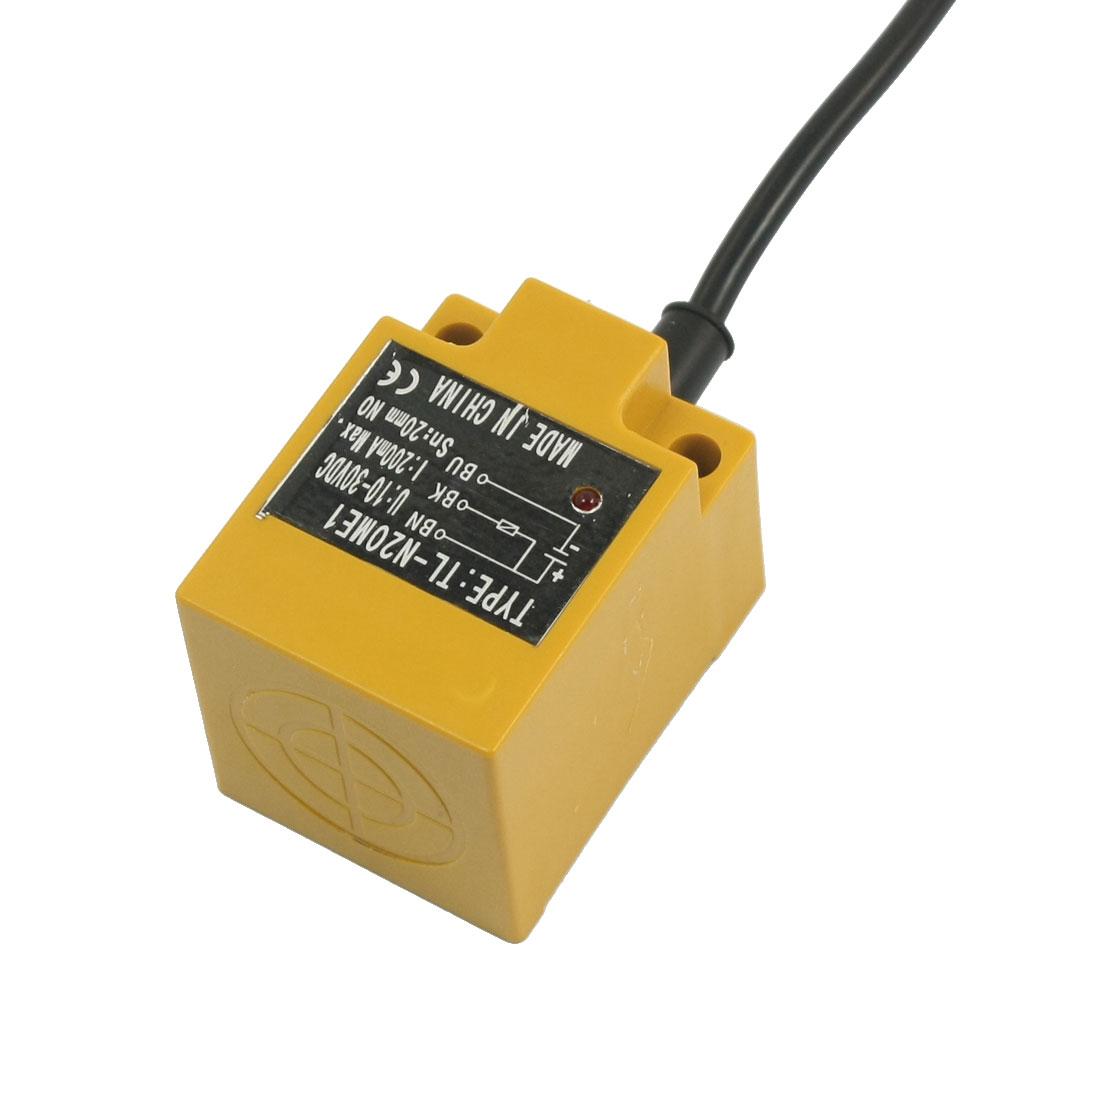 TL-N20ME1 NO Normal Open 20mm Inductive Proximity Sensor Switch DC 10-30V